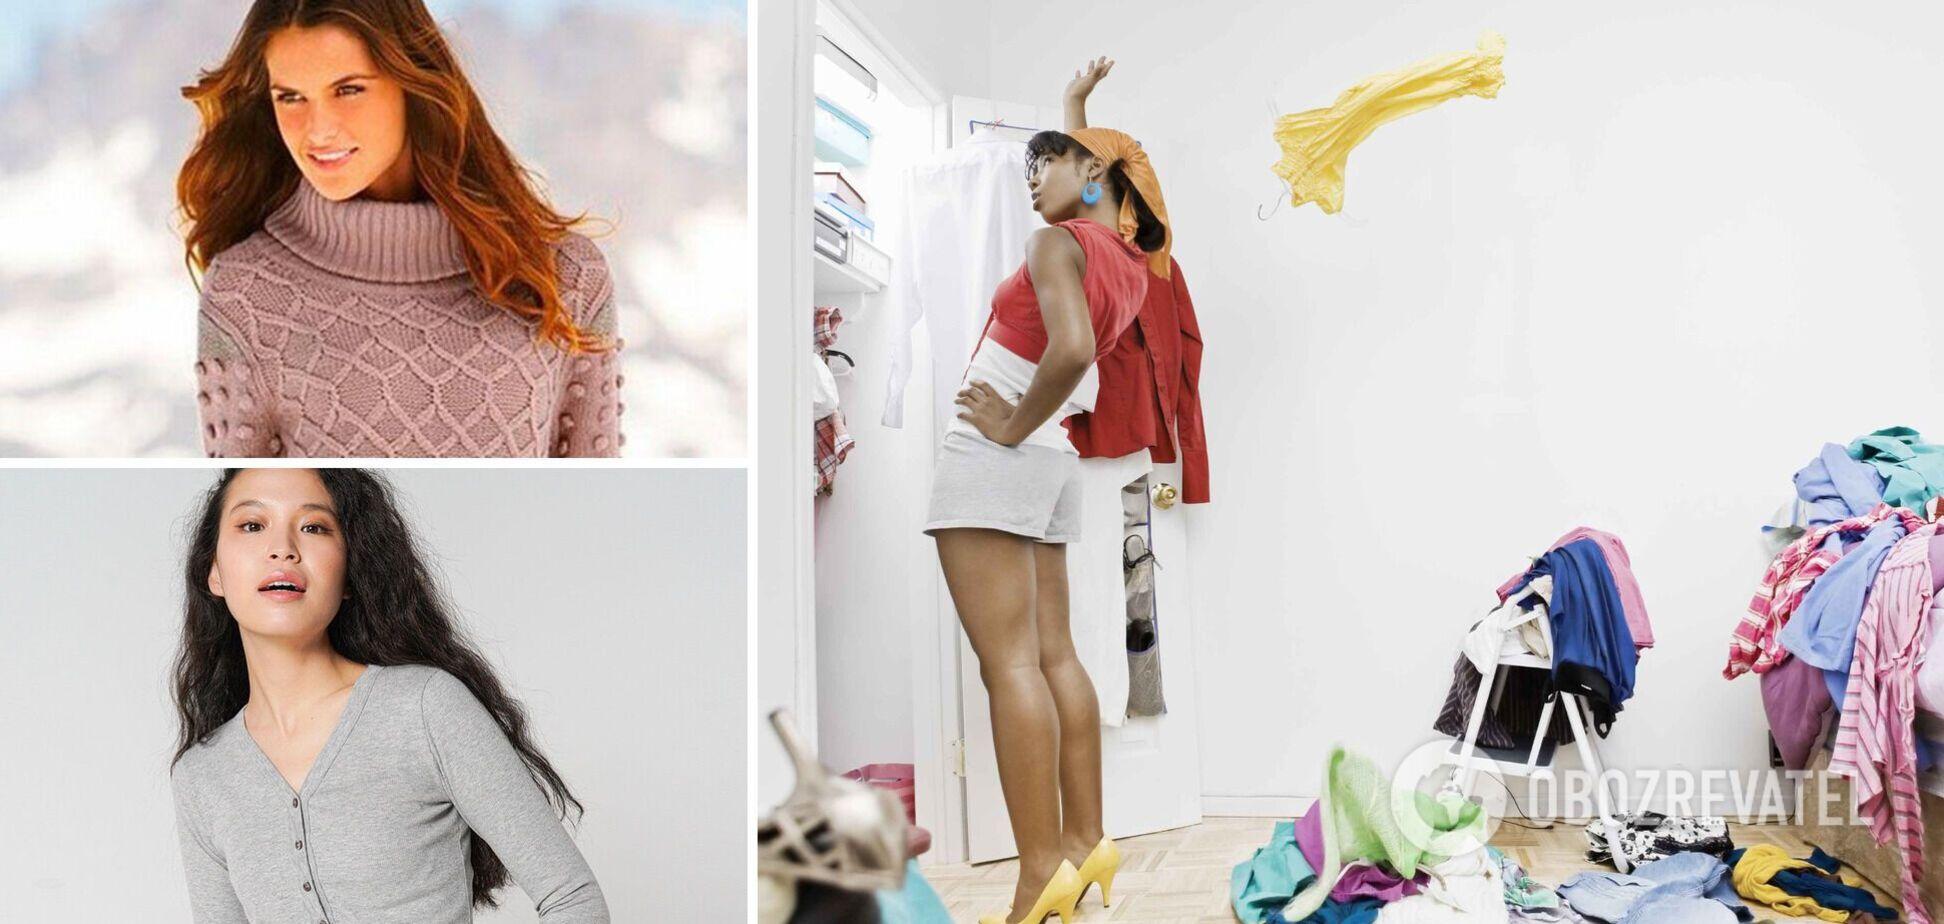 Таке вже не носять: як зрозуміти, що одяг вийшов із моди. Фото